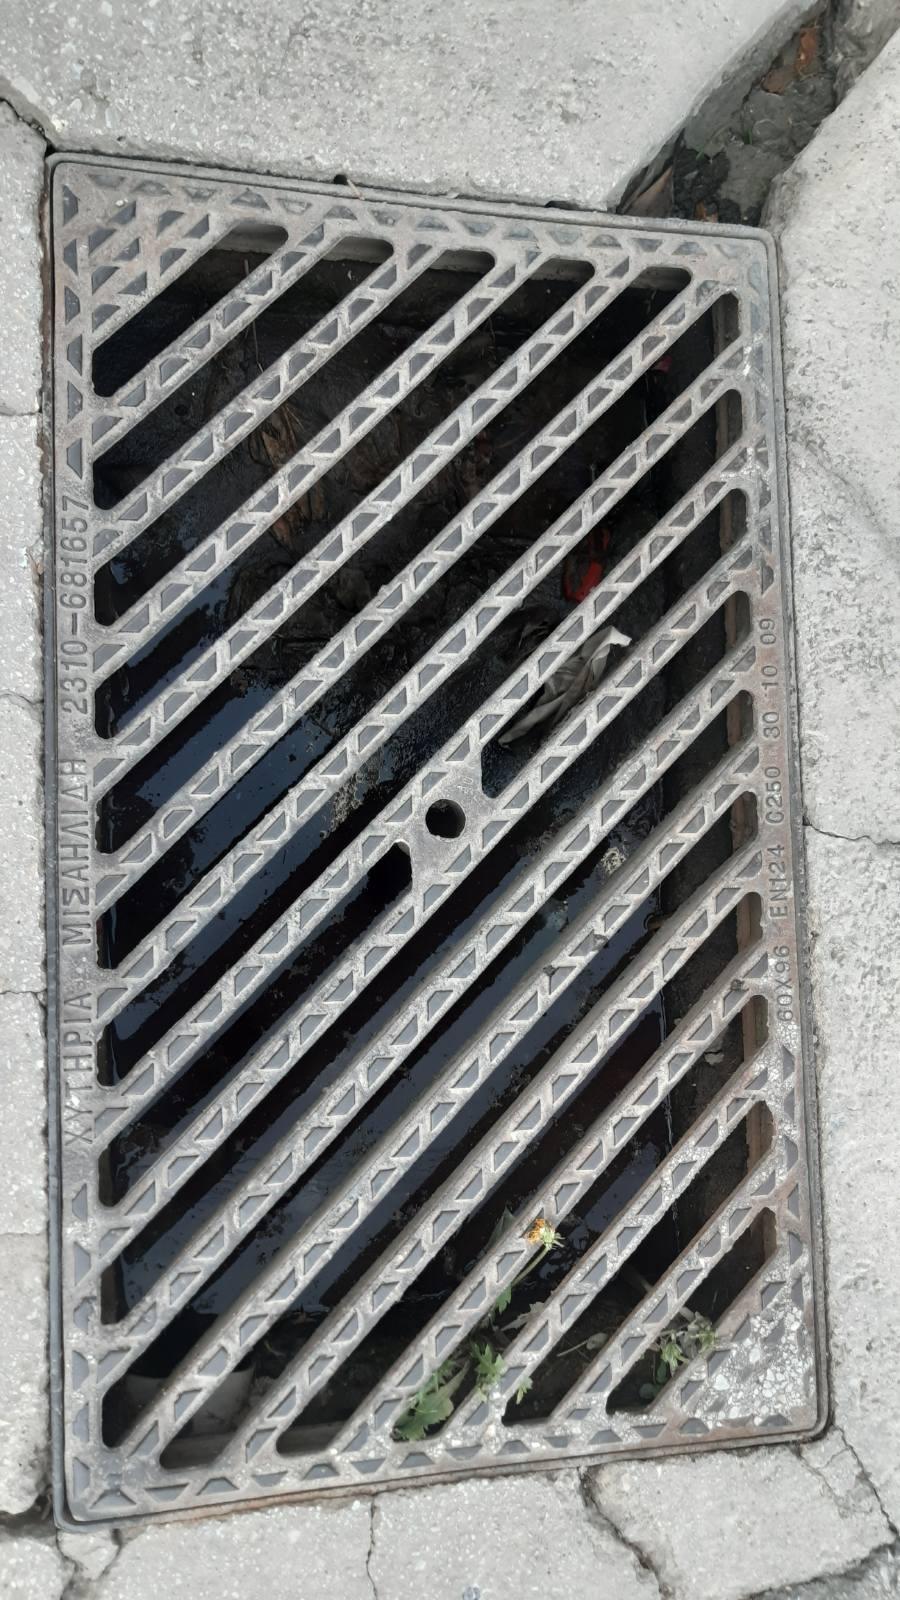 Πτολεμαίδα: Παράπονο αναγνώστη στο kozan.gr: To φρεάτιο στη συμβολή των οδών Κωνσταντινουπόλεως & Ανανία Νικολαίδη είναι γεμάτο λάσπη